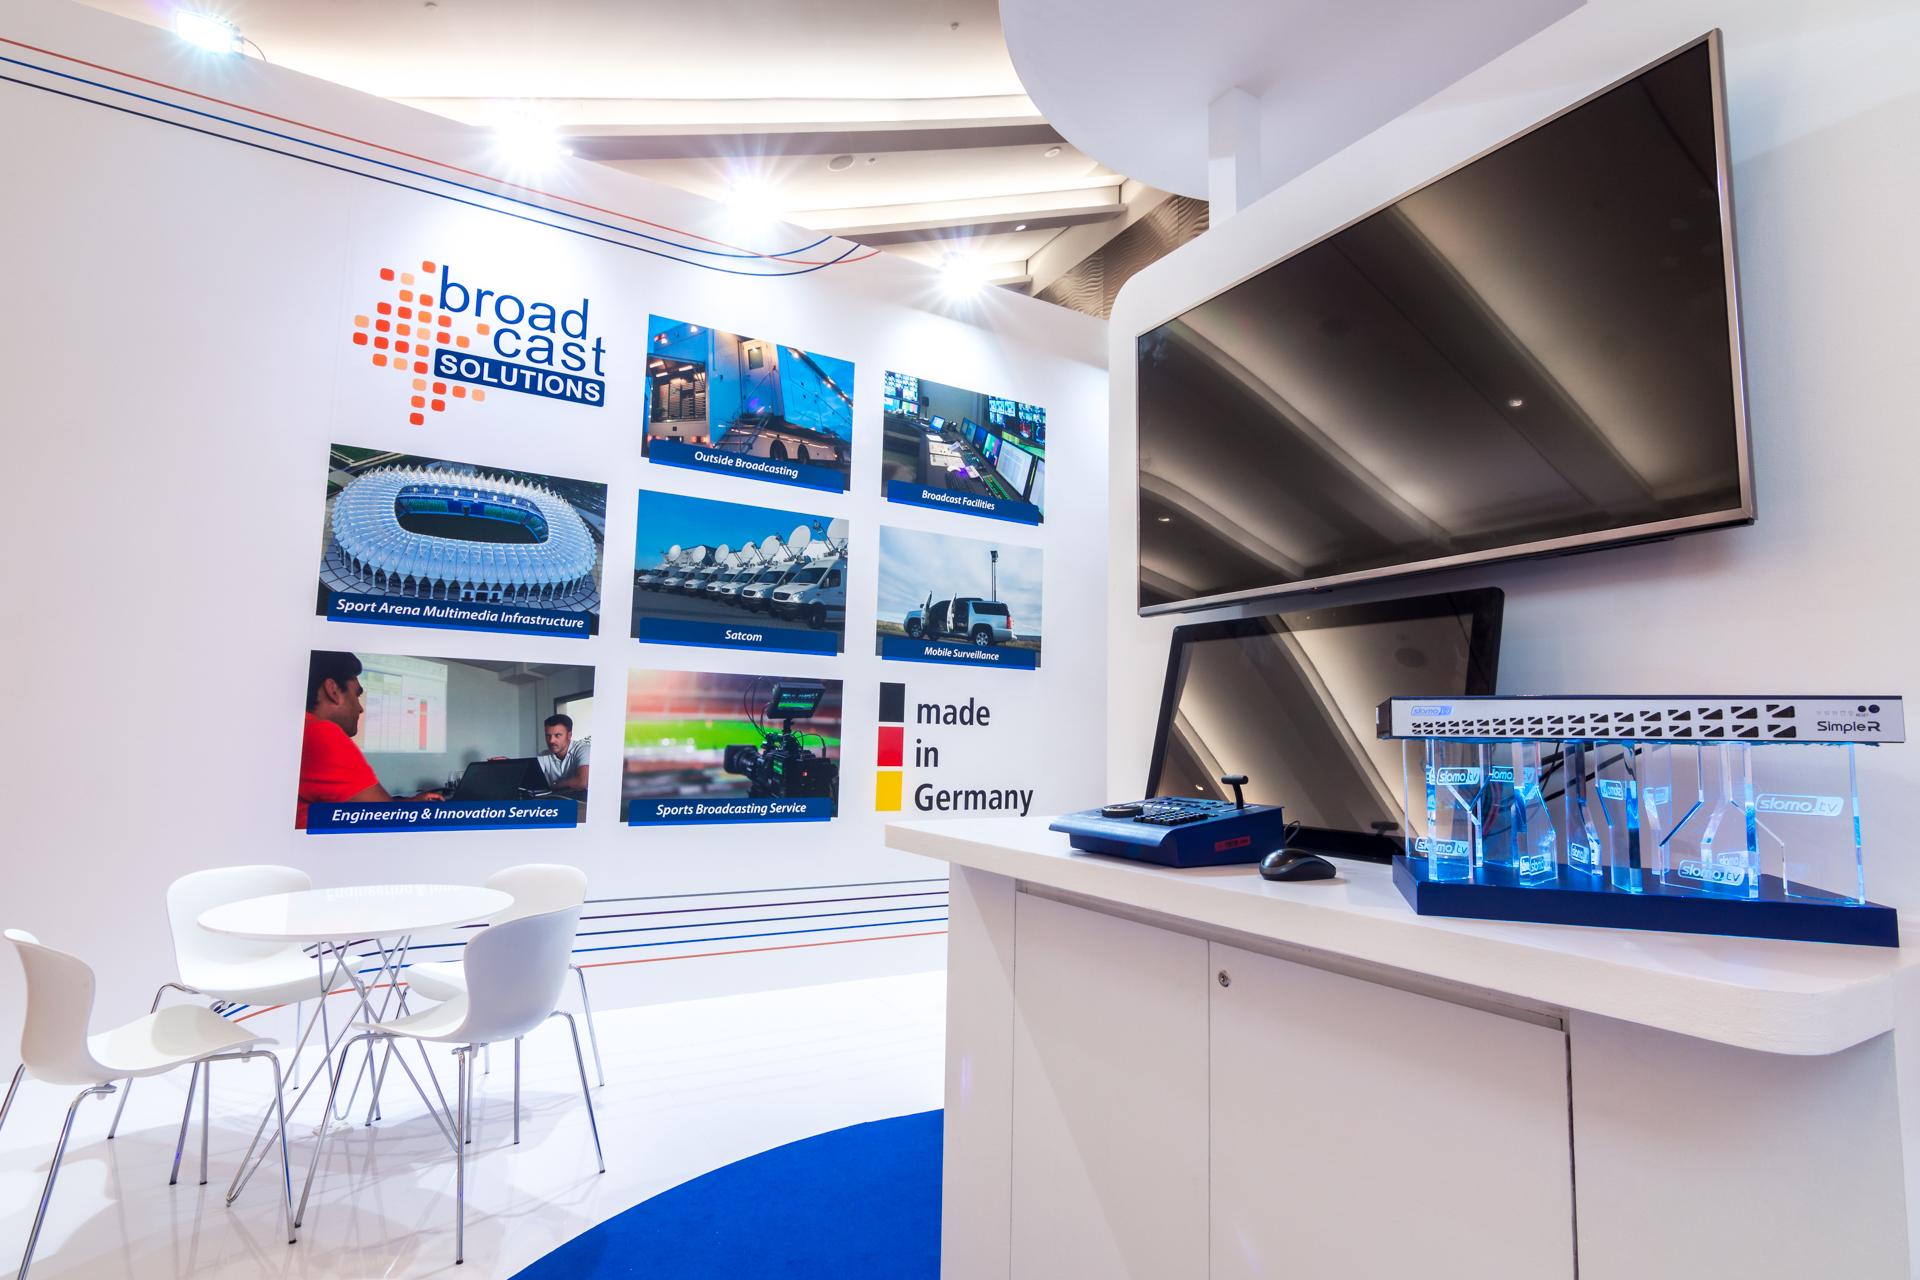 Exhibition booth design Communicasia Singapore